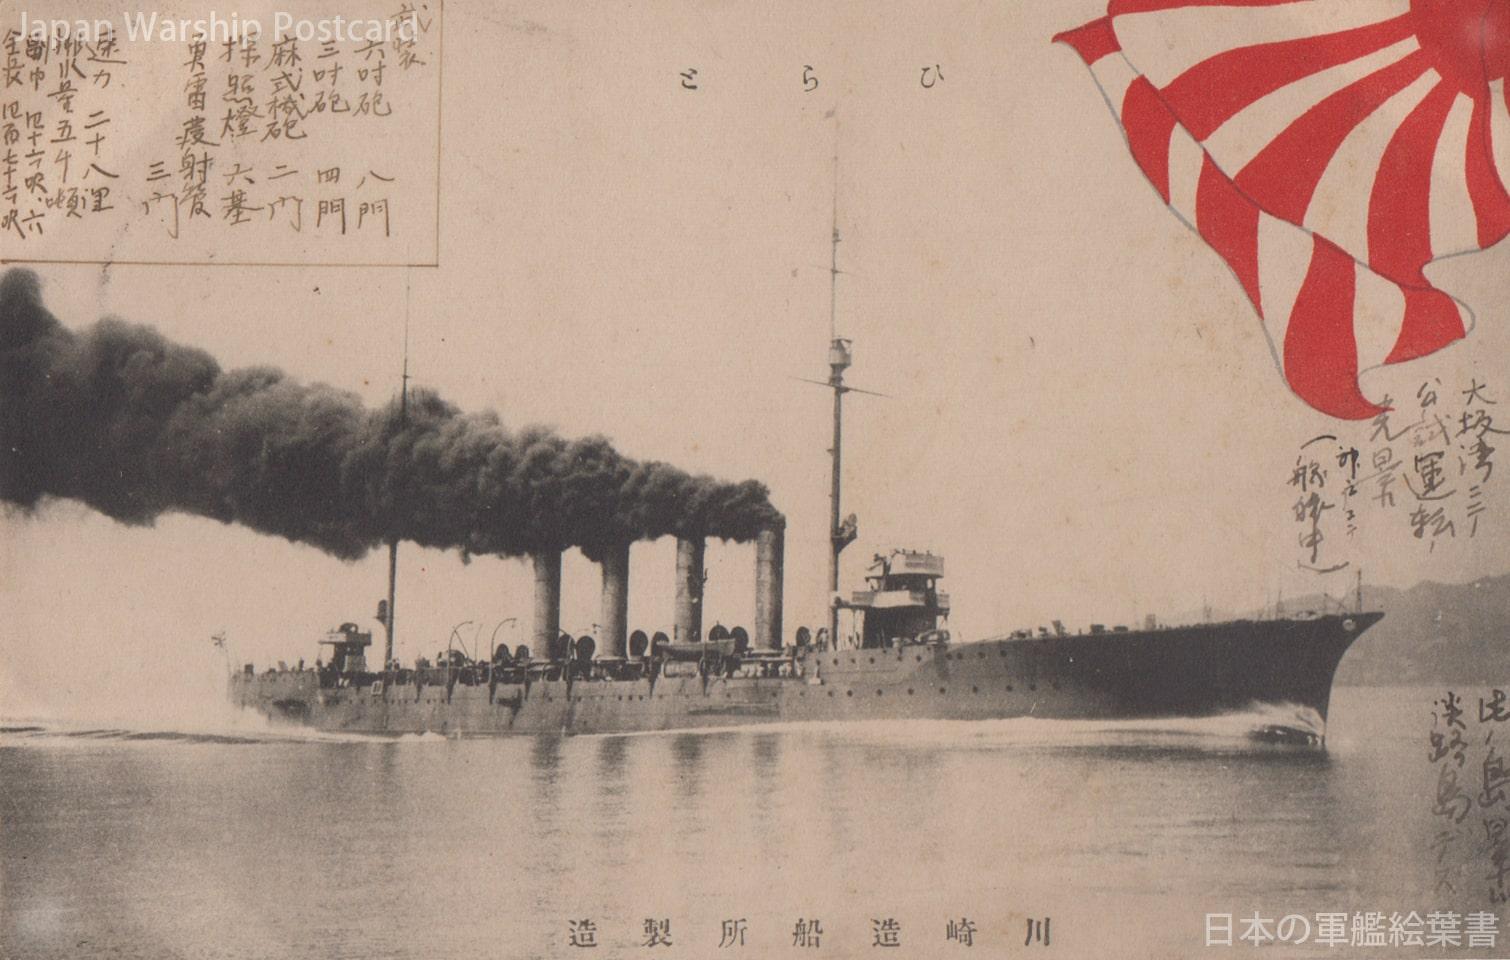 筑摩型防護巡洋艦「平戸」